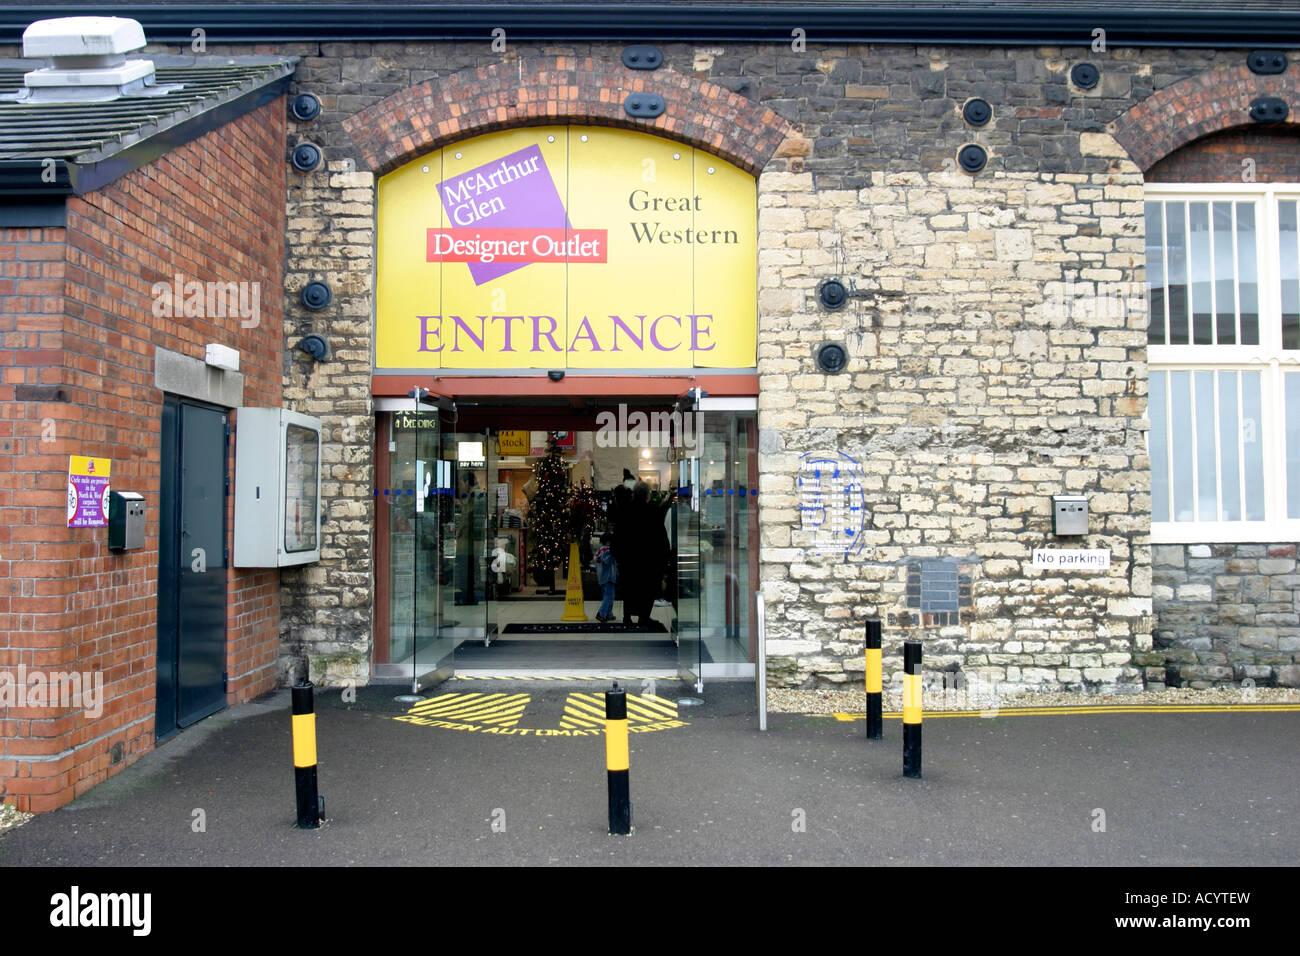 ba740afcf5 27th October 2006 Entrance to the Great Western McArthur Glen Designer  Outlet